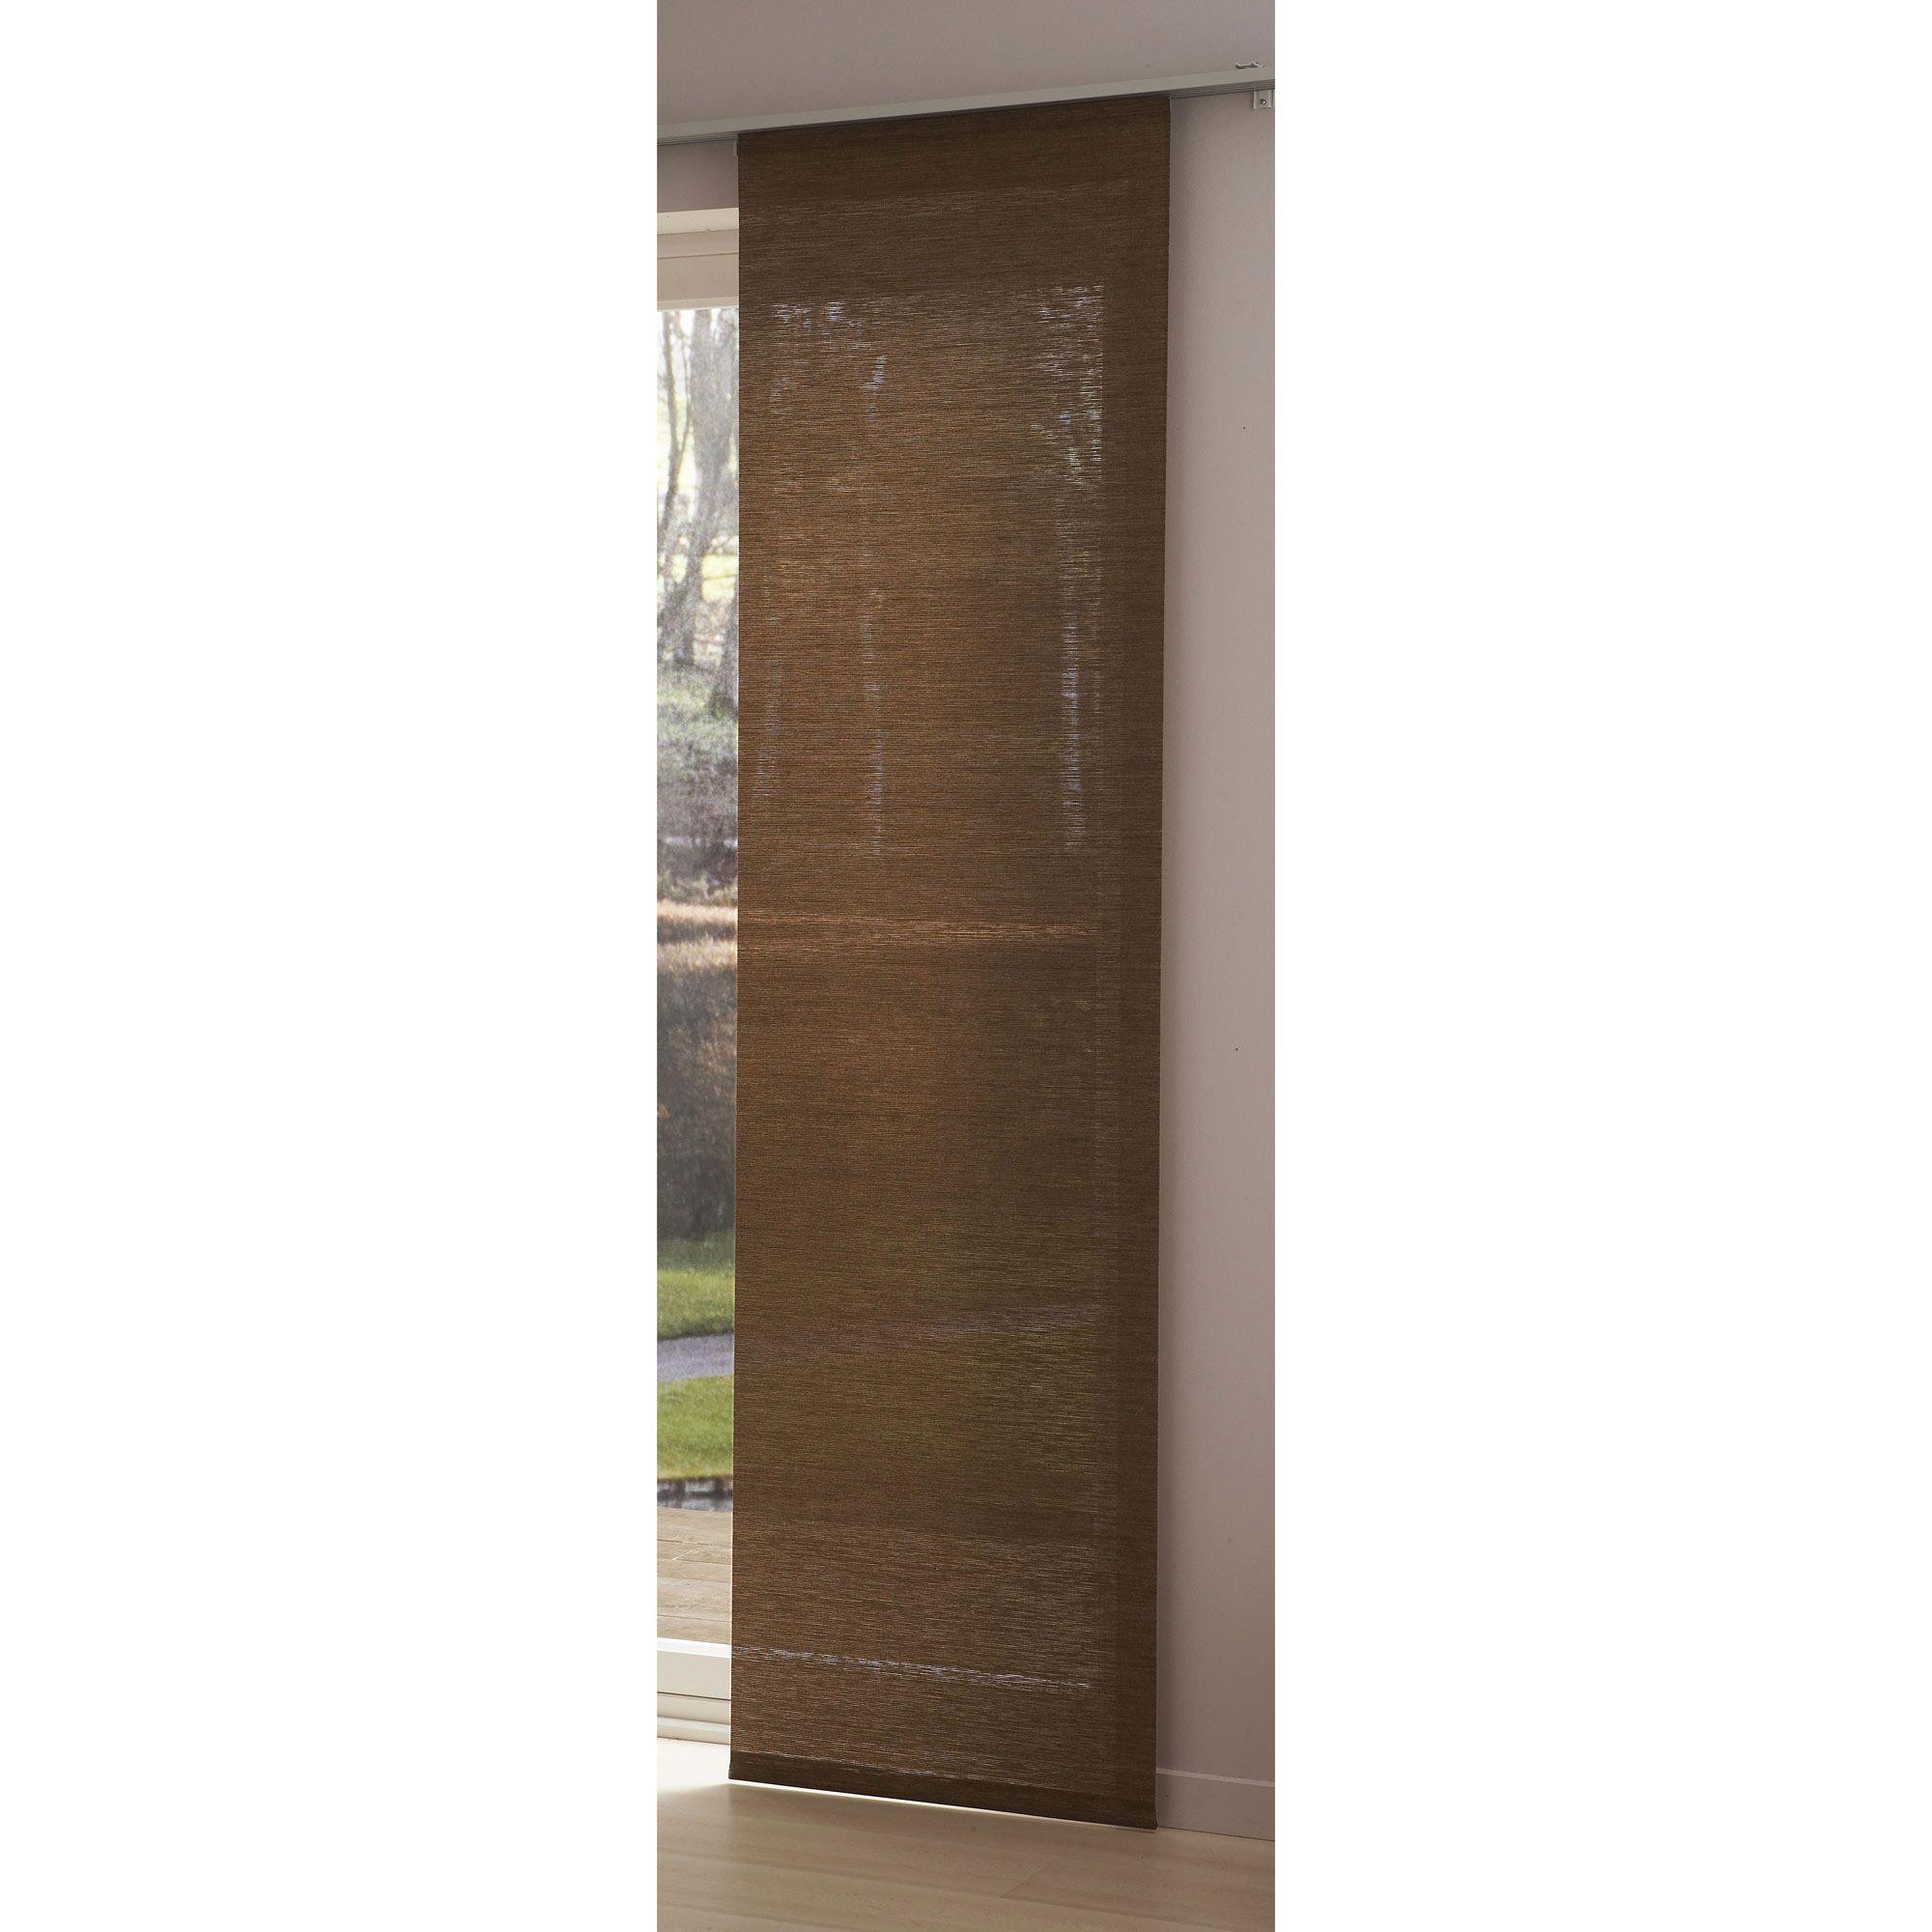 Panneau Japonais Paille Tressee Tamisant 60x300cm Arigato Panneau Japonais Tout Pour La Maison Paille